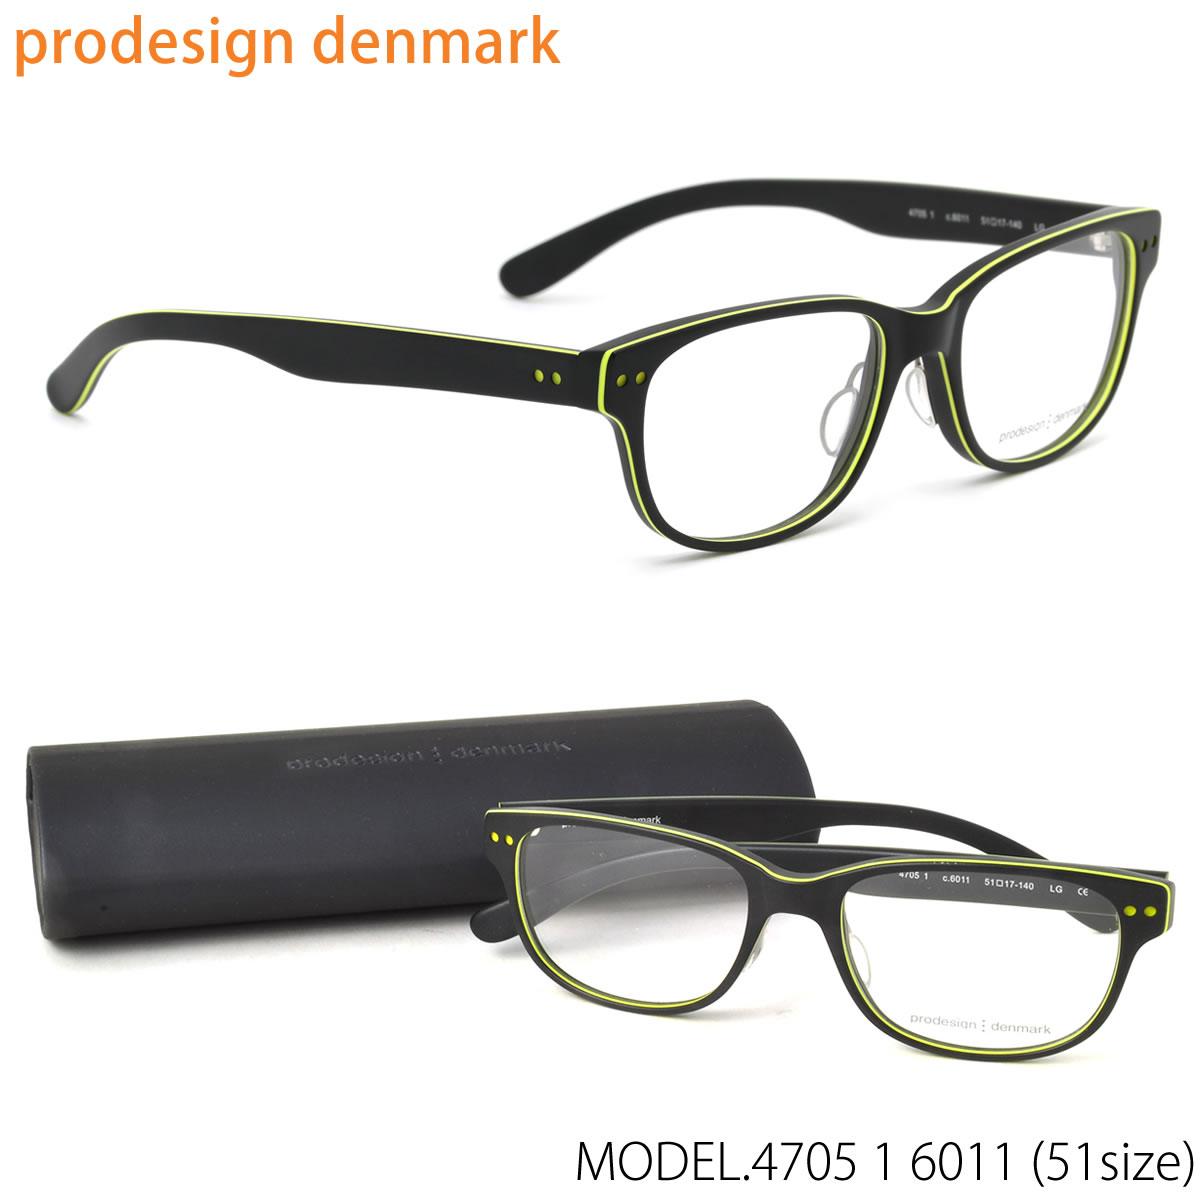 【10月30日からエントリーで全品ポイント20倍】prodesign:denmark(プロデザインデンマーク) メガネ フレーム 4705-1 6011 51 北欧 ウェリントン 伊達メガネレンズ無料 プロデザインデンマーク prodesign:denmark メンズ レディース【LOS30】